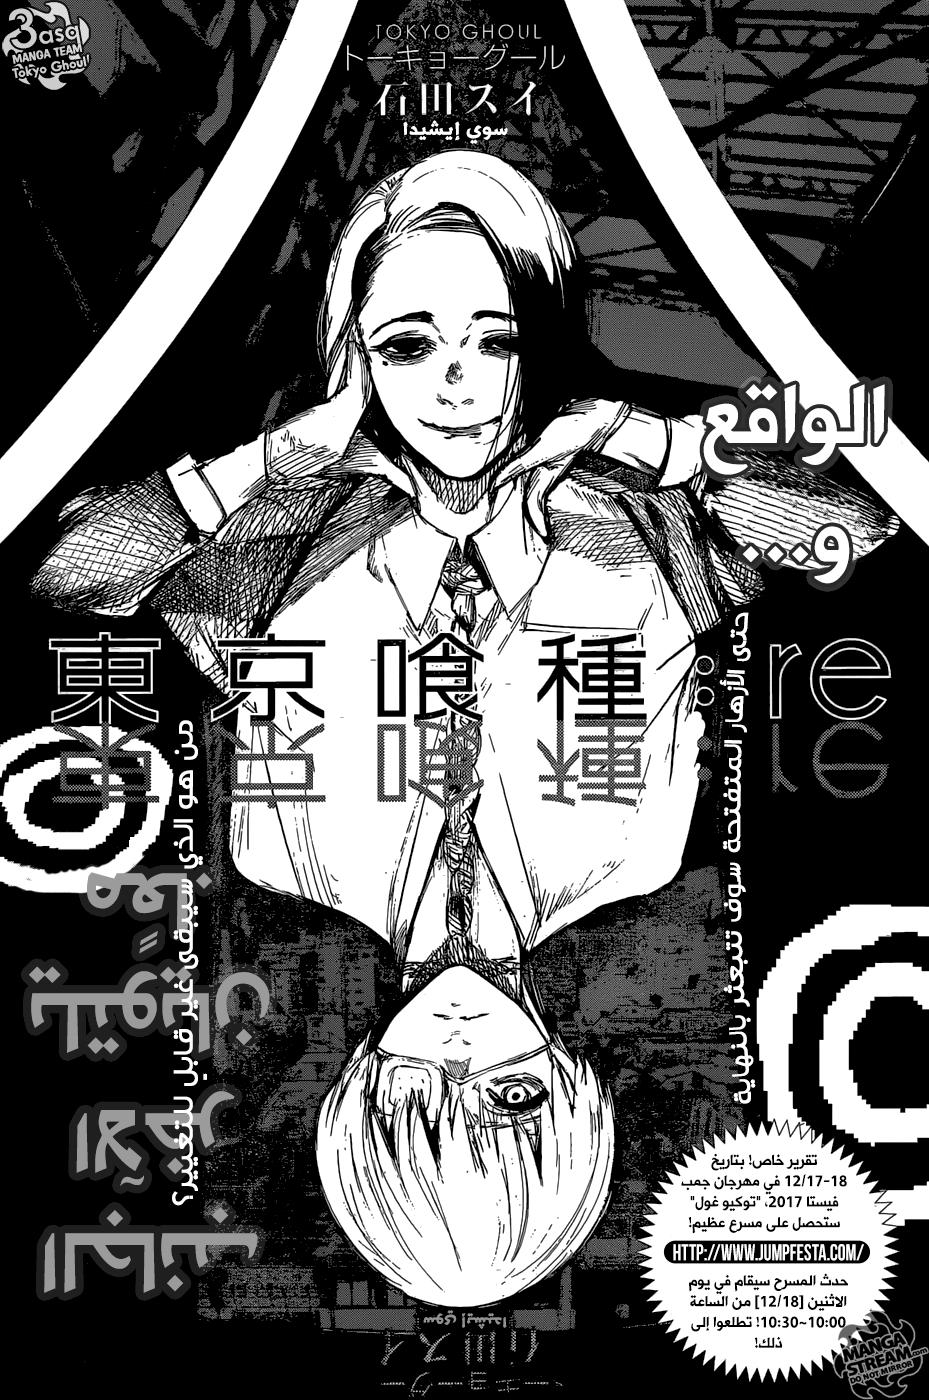 طوكيو غول:ري 101, Tokyo Ghoul:re 101